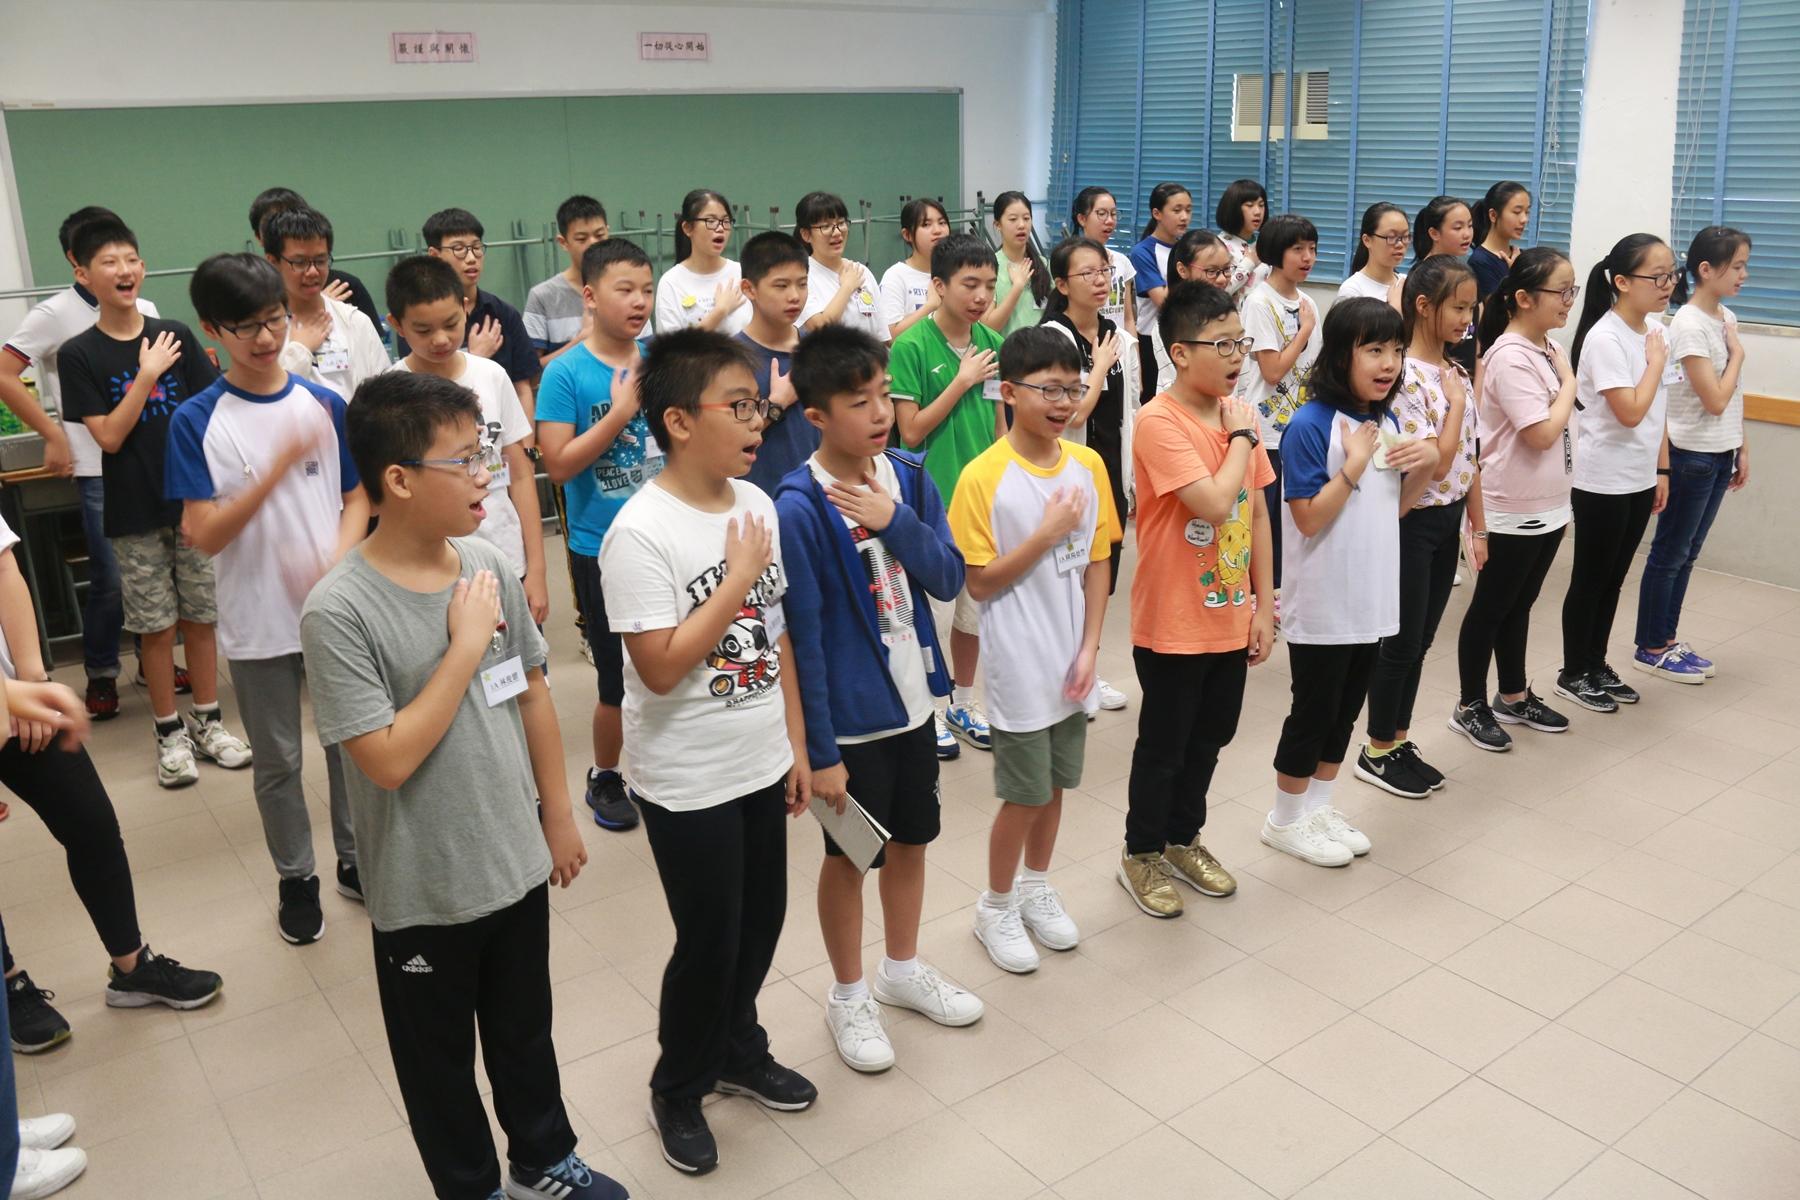 http://www.npc.edu.hk/sites/default/files/1a_zhong_ying_bing_chong_01.jpg